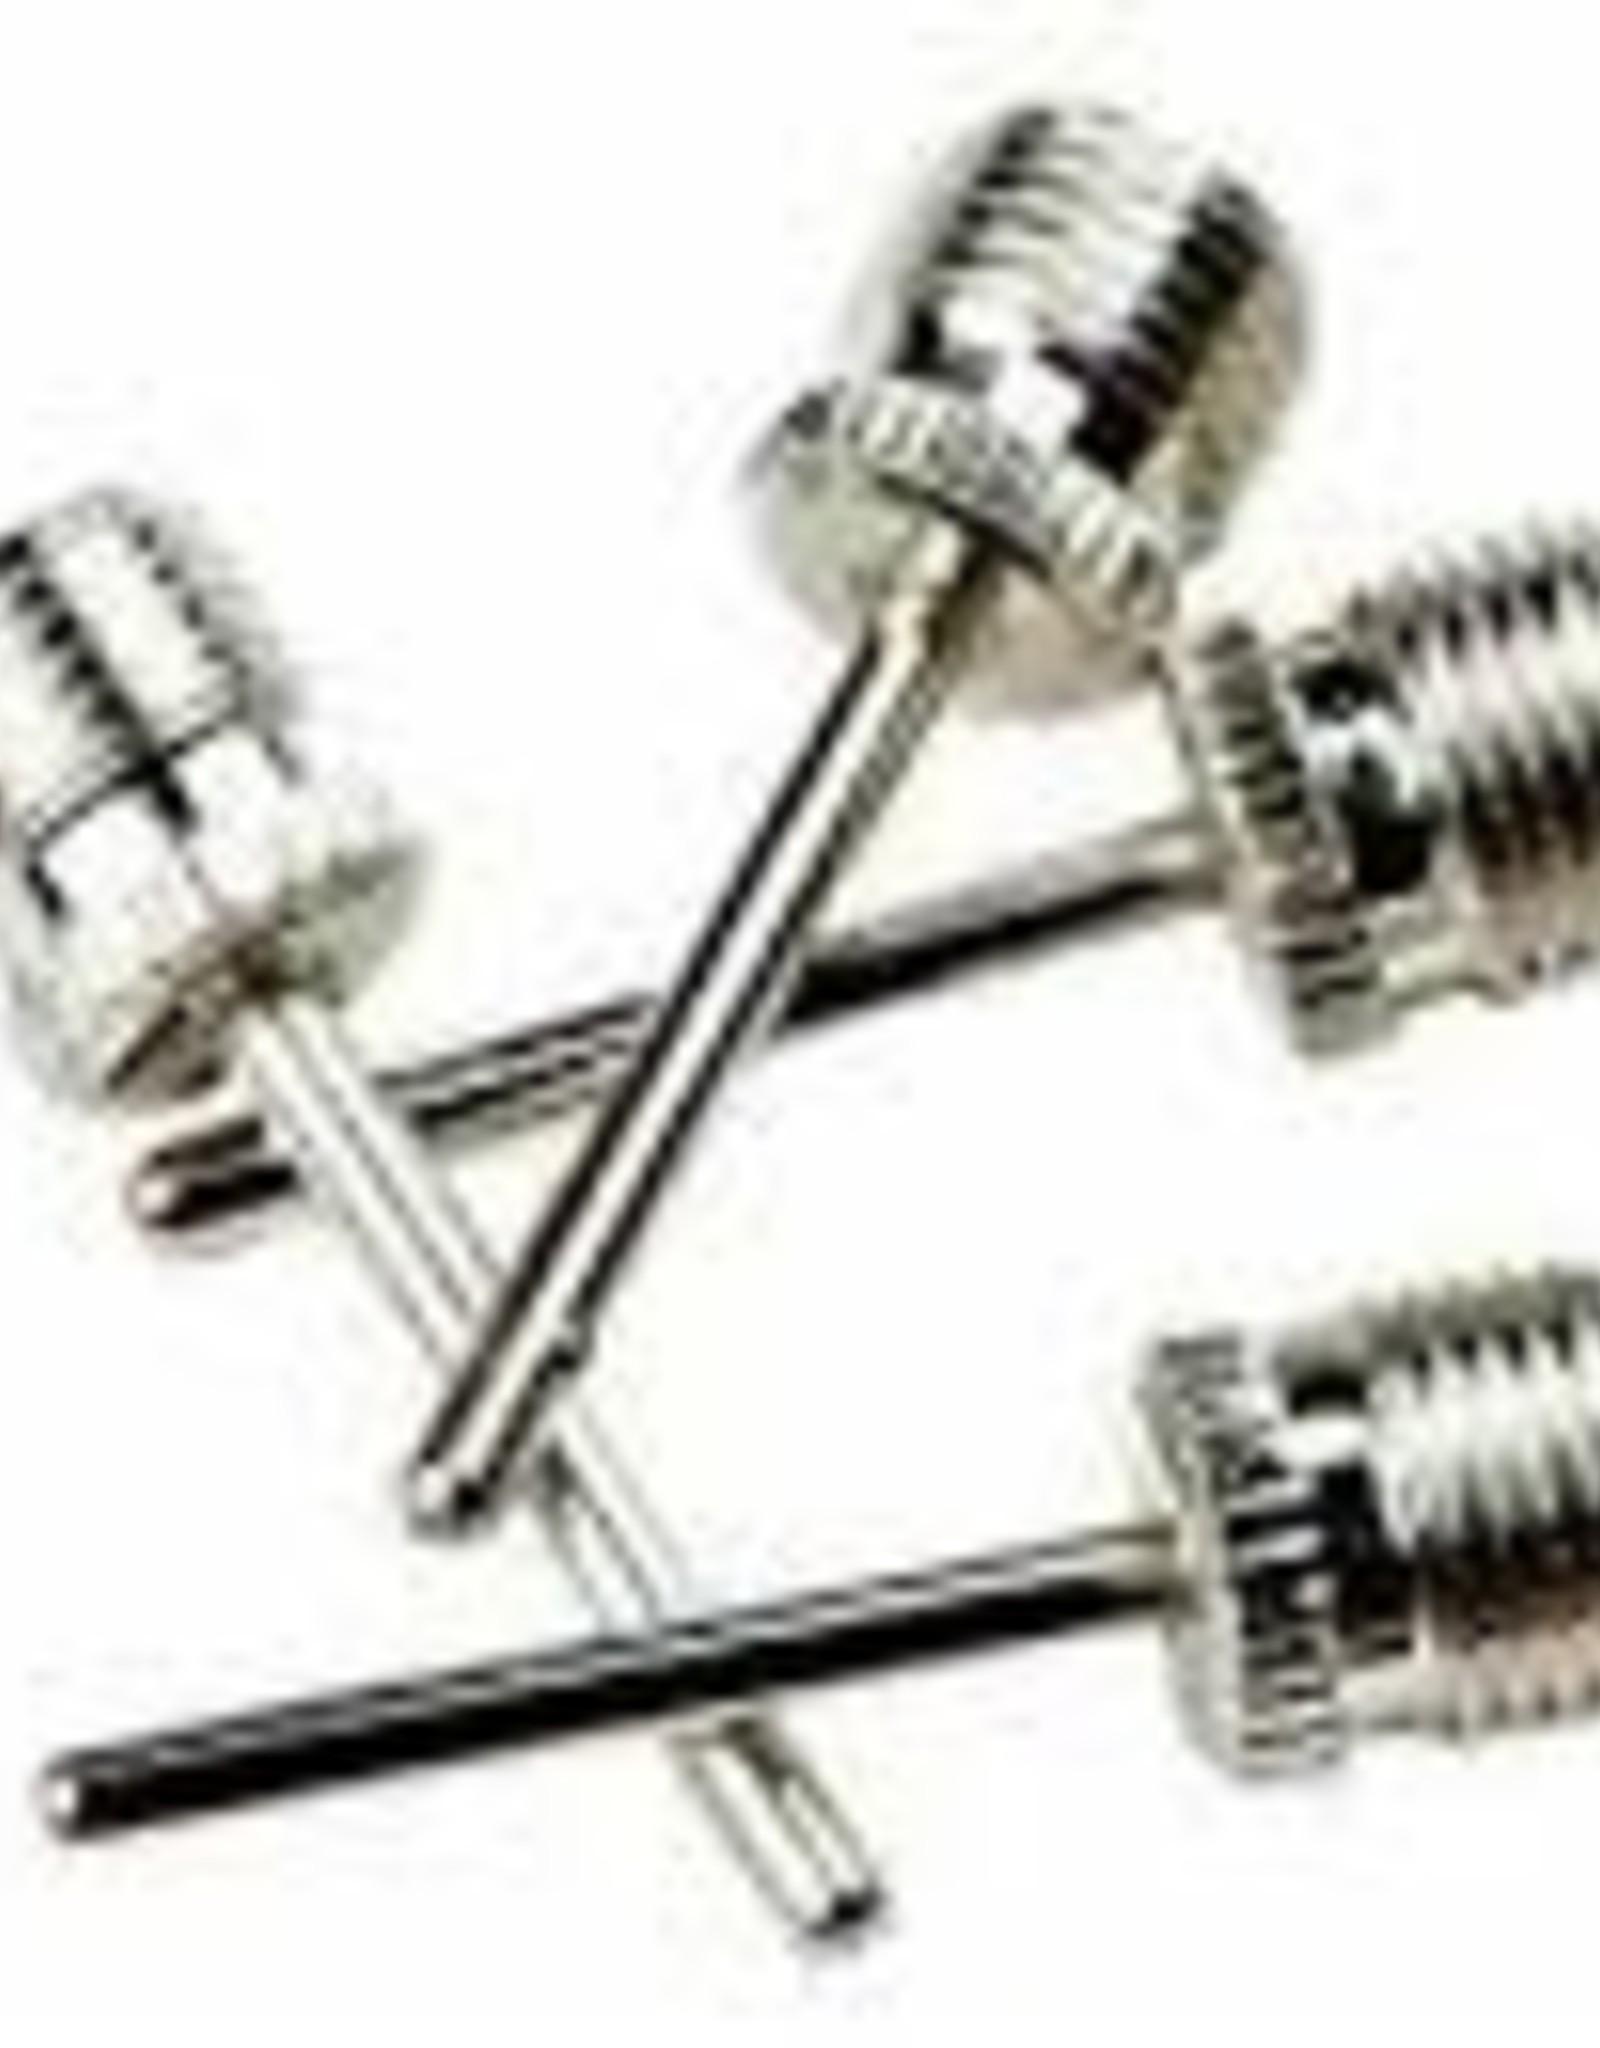 Champro Champro 3 pack needles